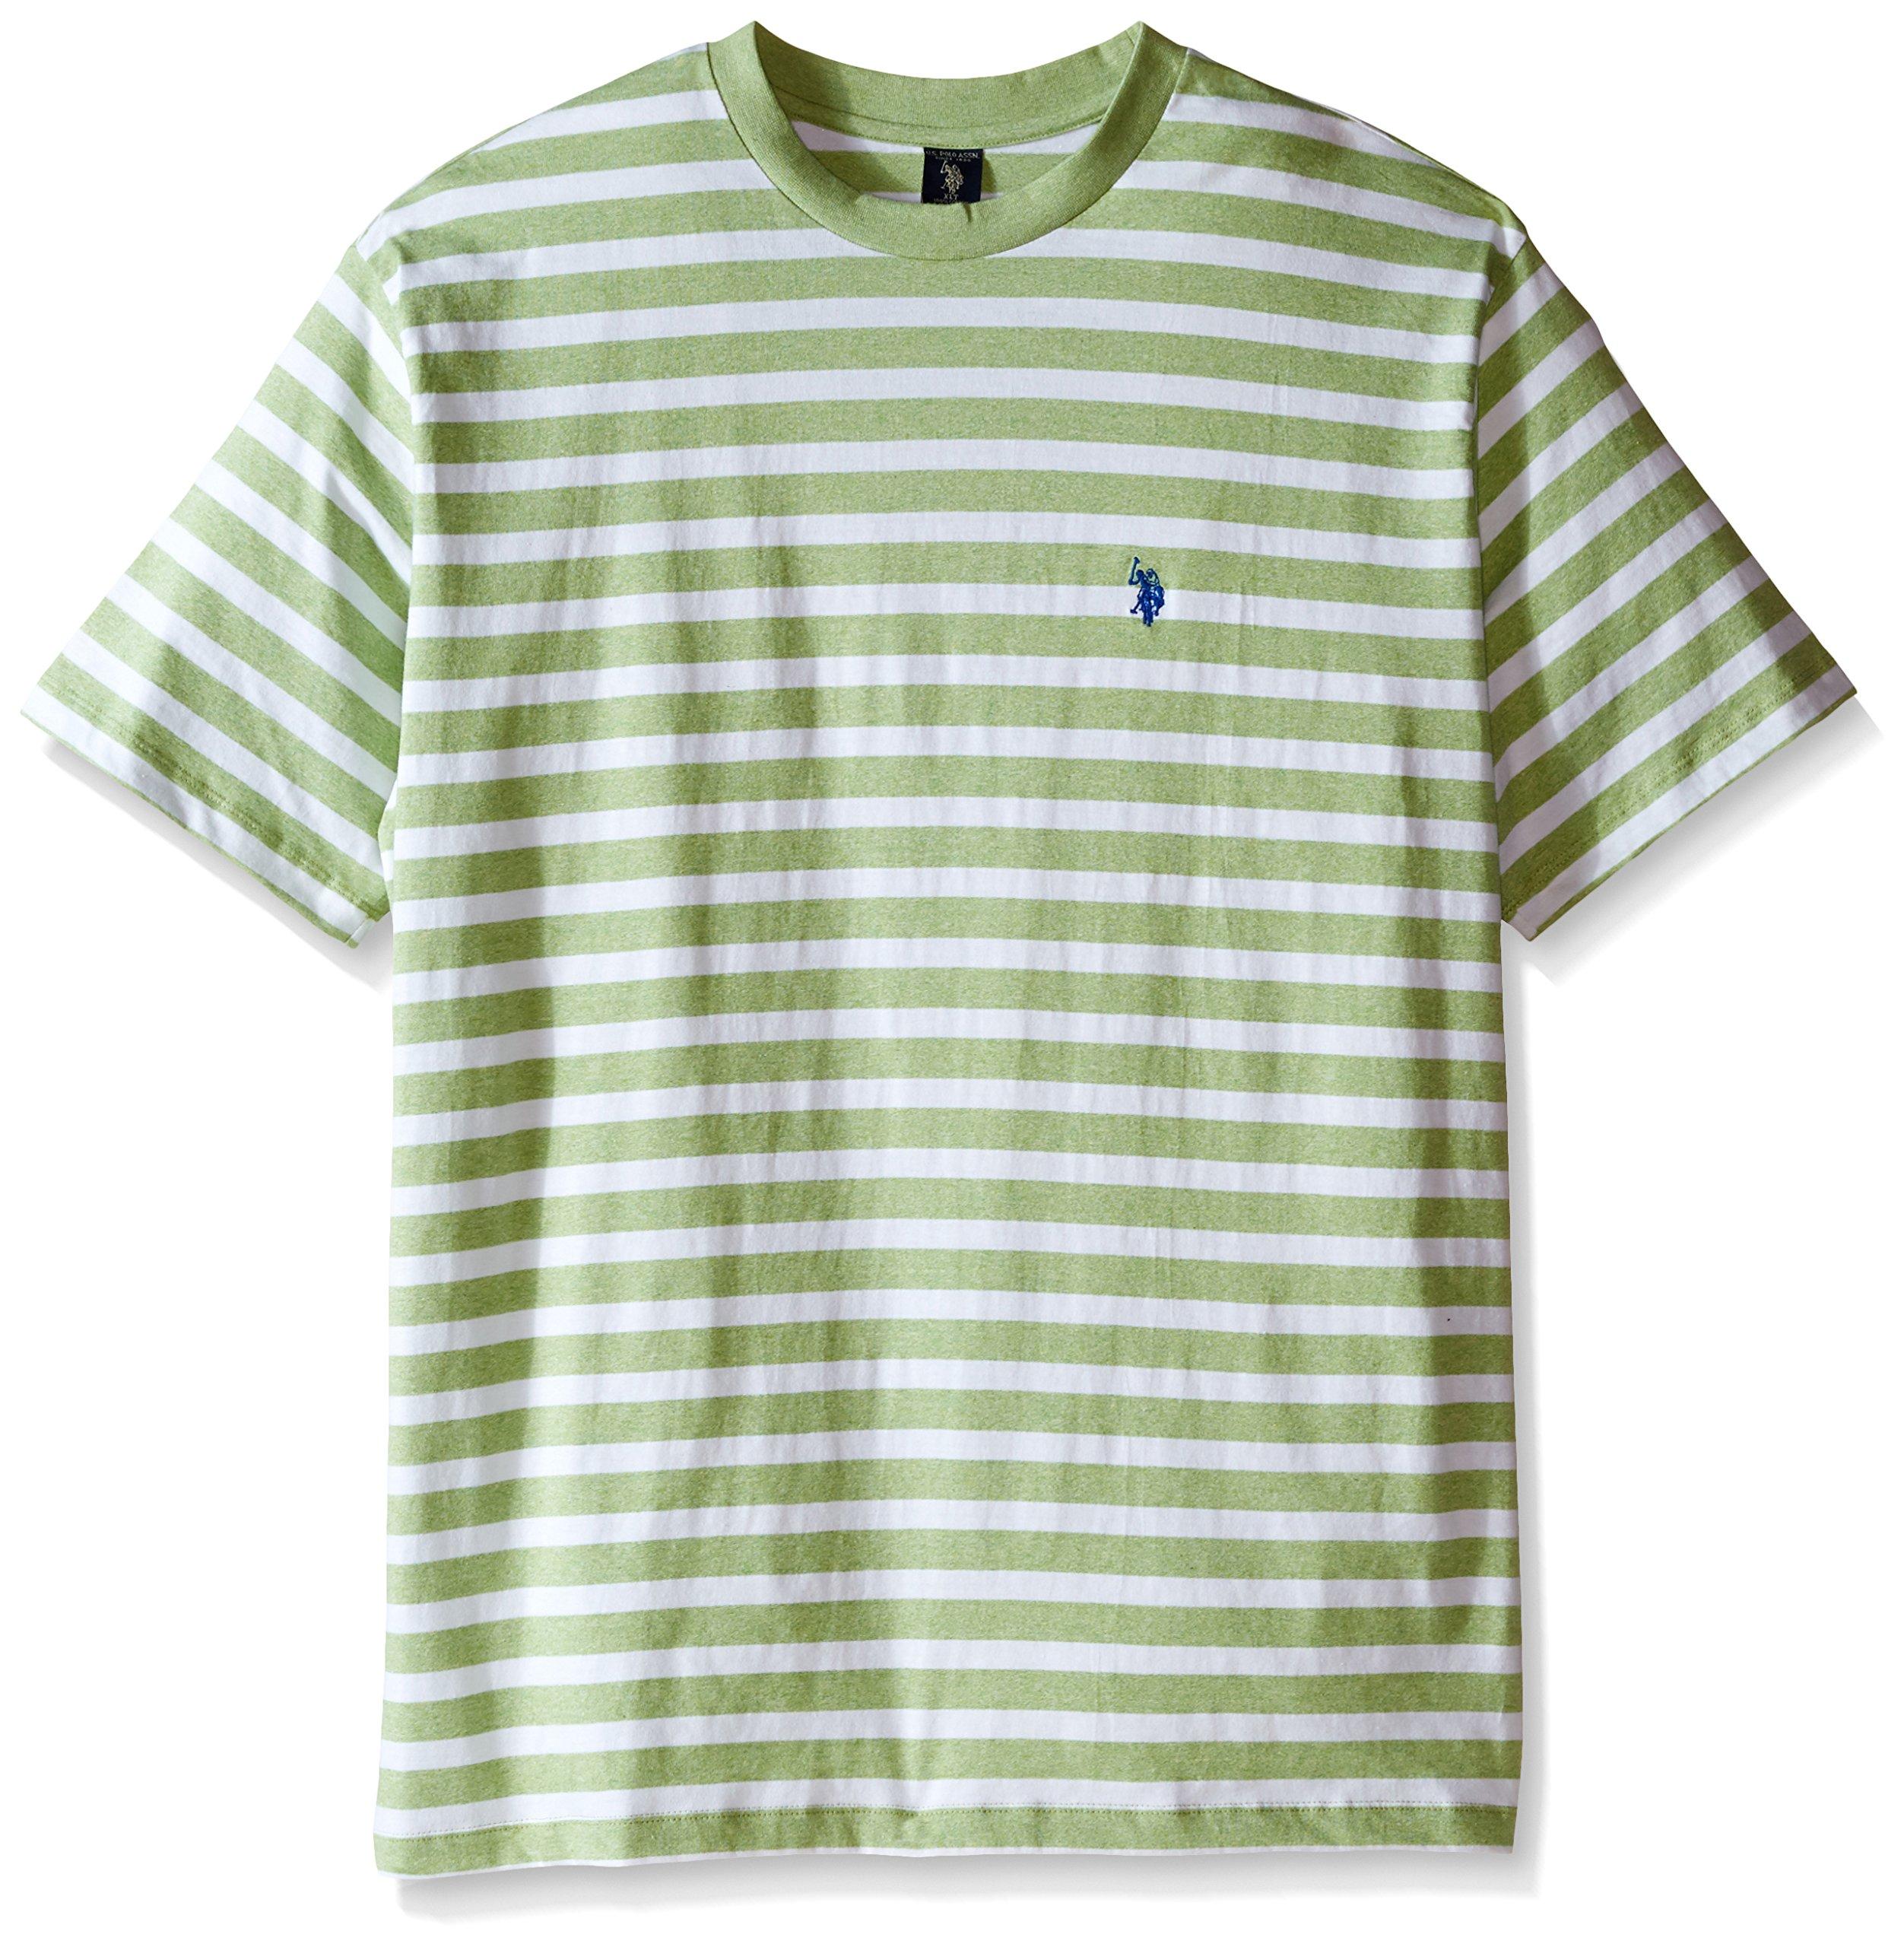 U.S. Polo Assn.. Men's Big-Tall Short Sleeve Melange Stripe Crew Neck T-Shirt, Summer Lime, 3X